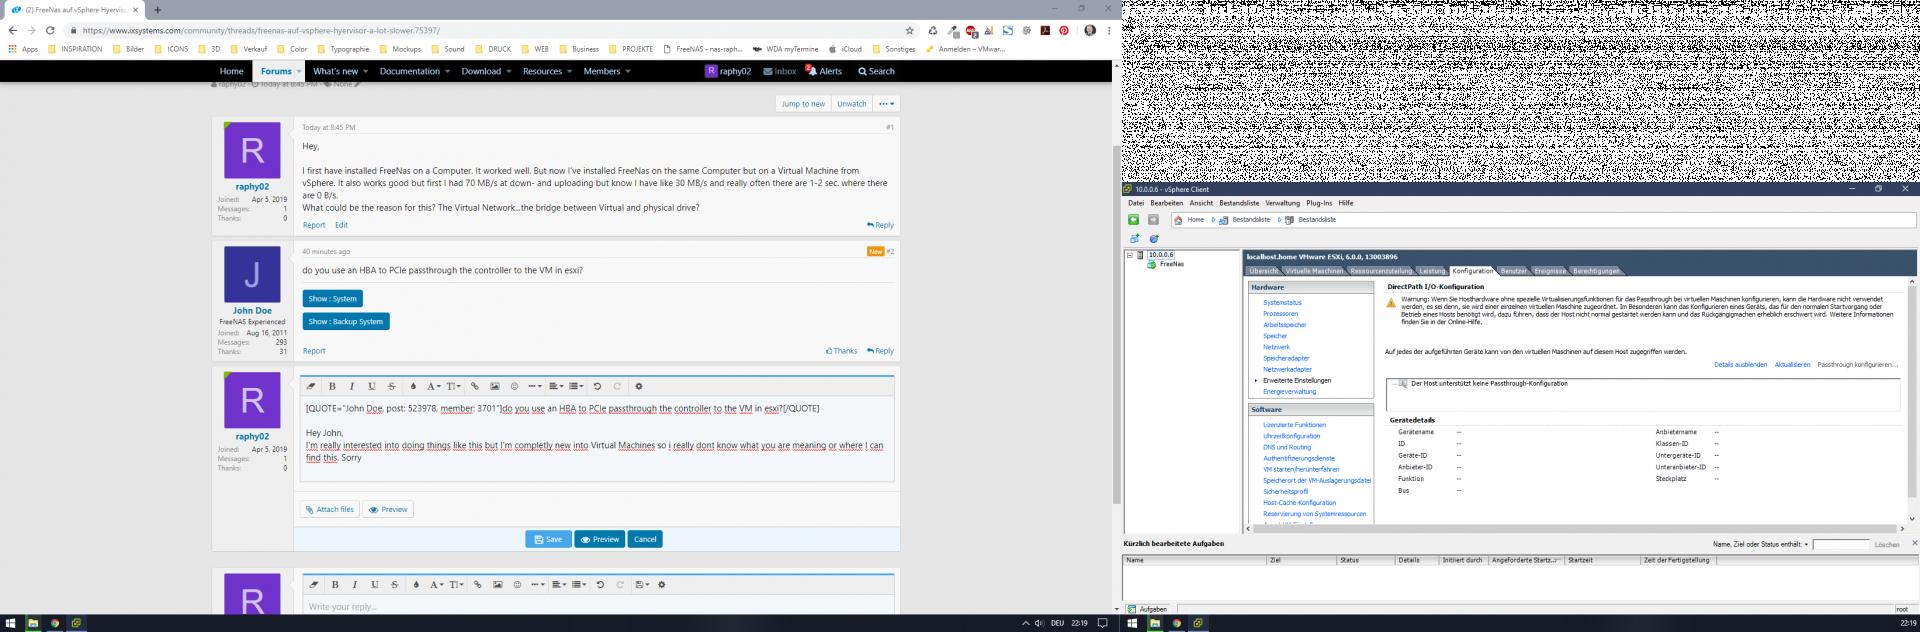 FreeNas auf vSphere Hyervisor a lot slower | iXsystems Community